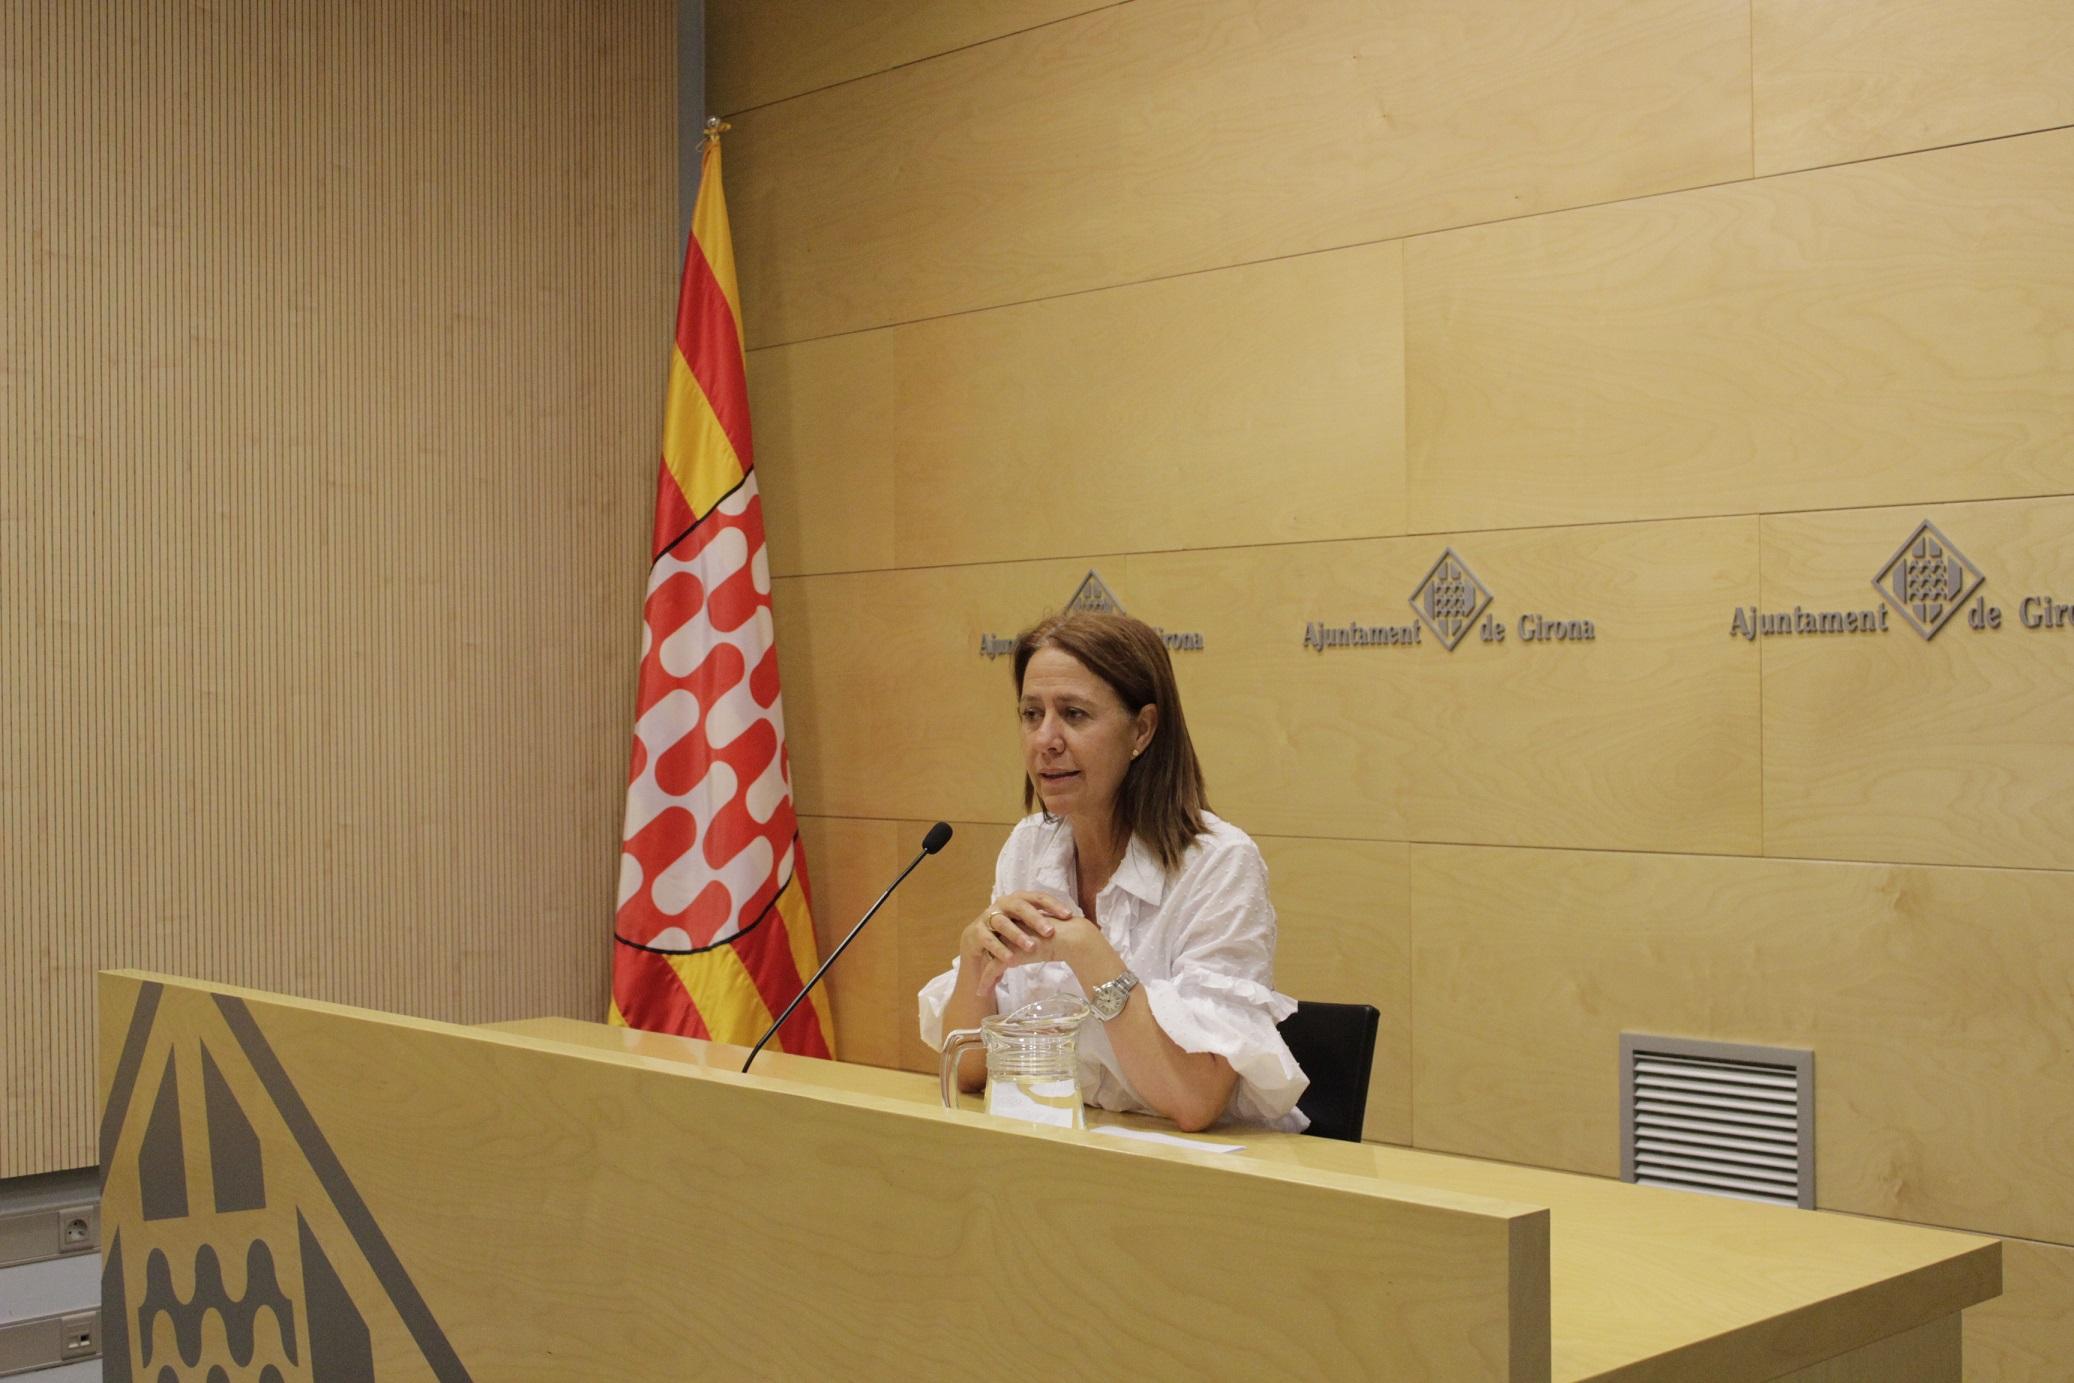 L'Ajuntament de Girona anul·la les relacions protocol·làries amb la Casa Reial i la delegació del Govern de l'Estat